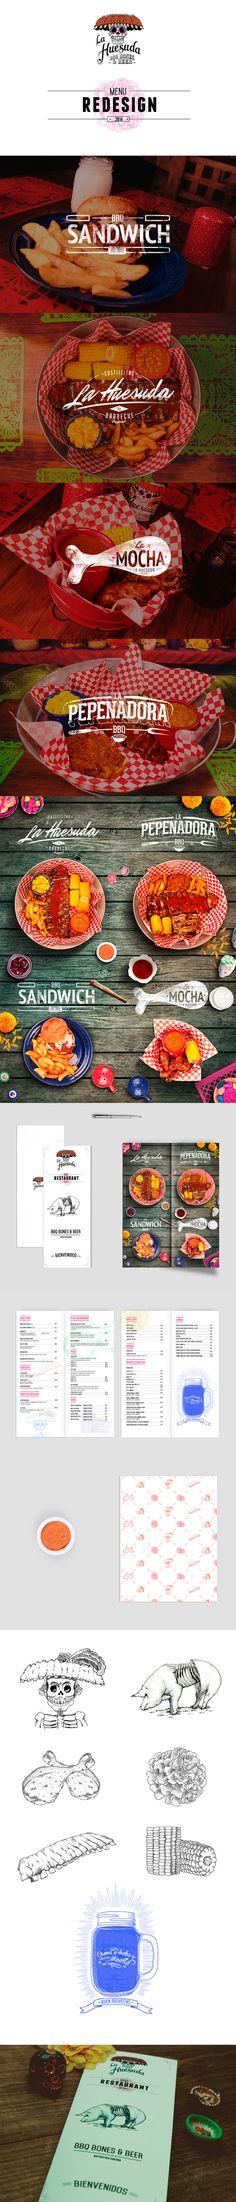 Menu Redesign by MLDTS Branding, via Behance